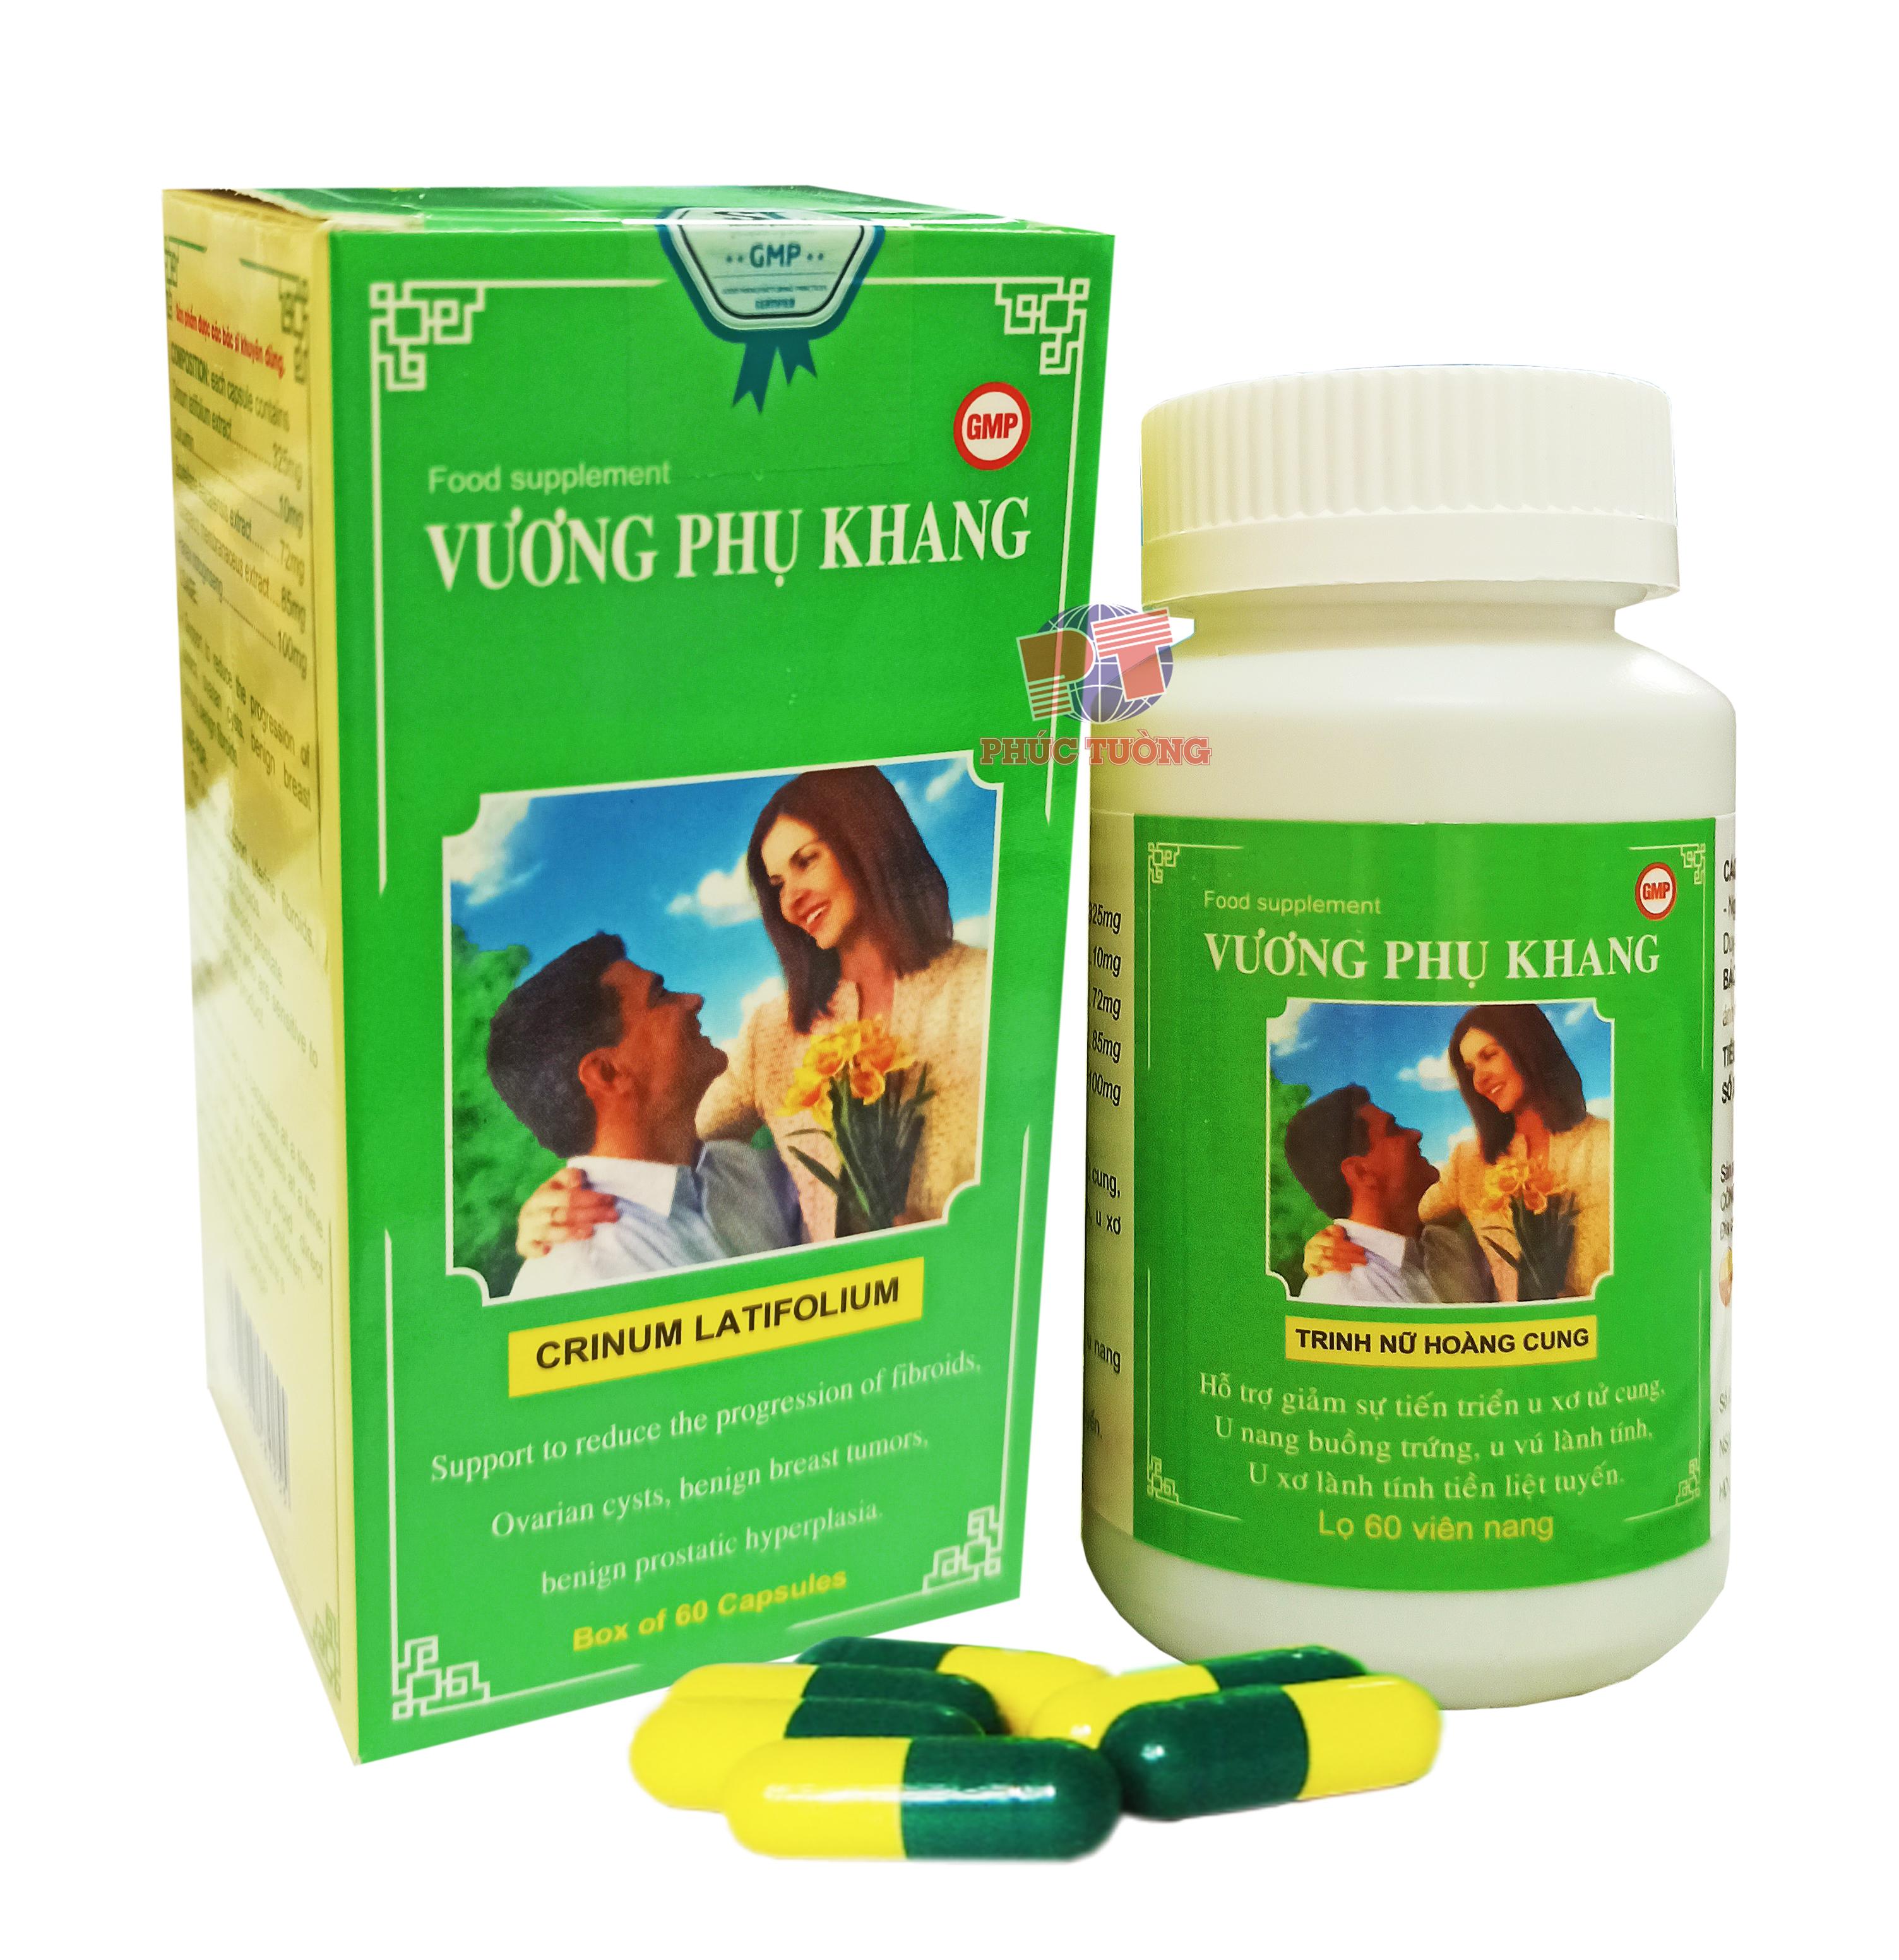 Vương Phụ Khang - Viên uống hỗ trợ điều trị u vú, u xơ tử cung, tuyến tiền liệt